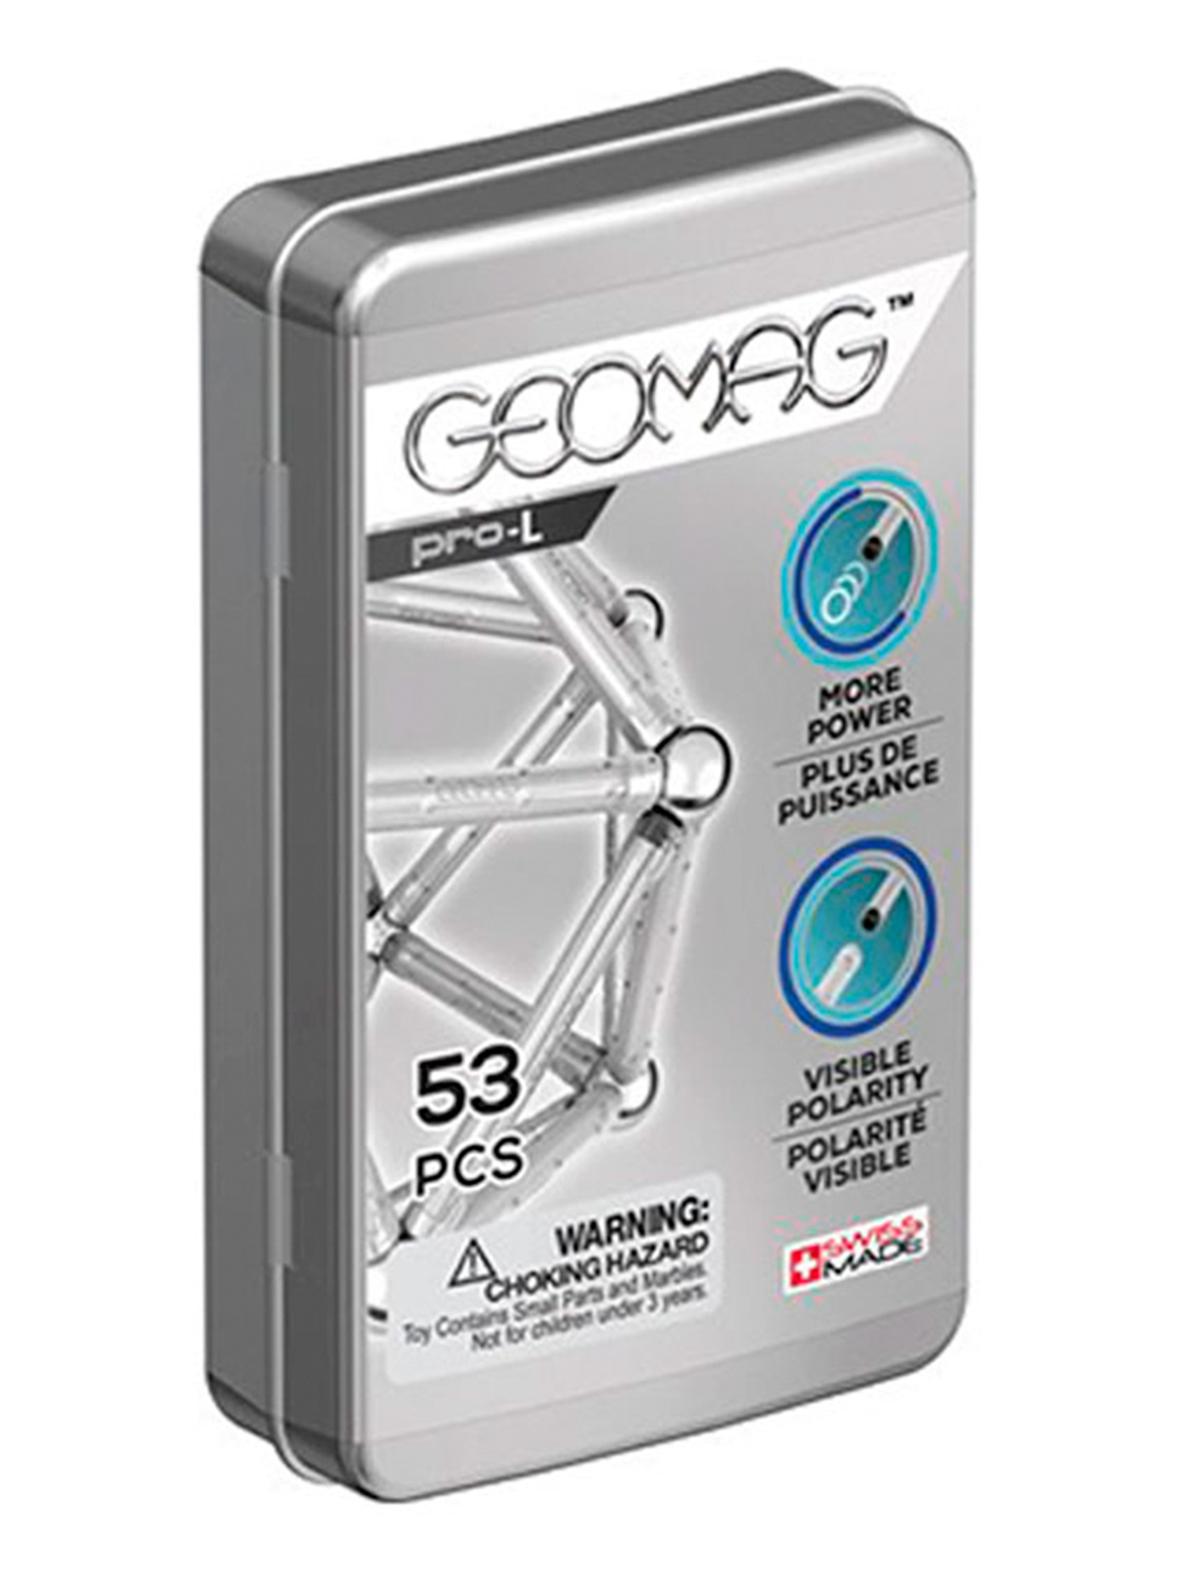 Купить 2146160, Игрушка GEOMAG, серый, 7131729980076